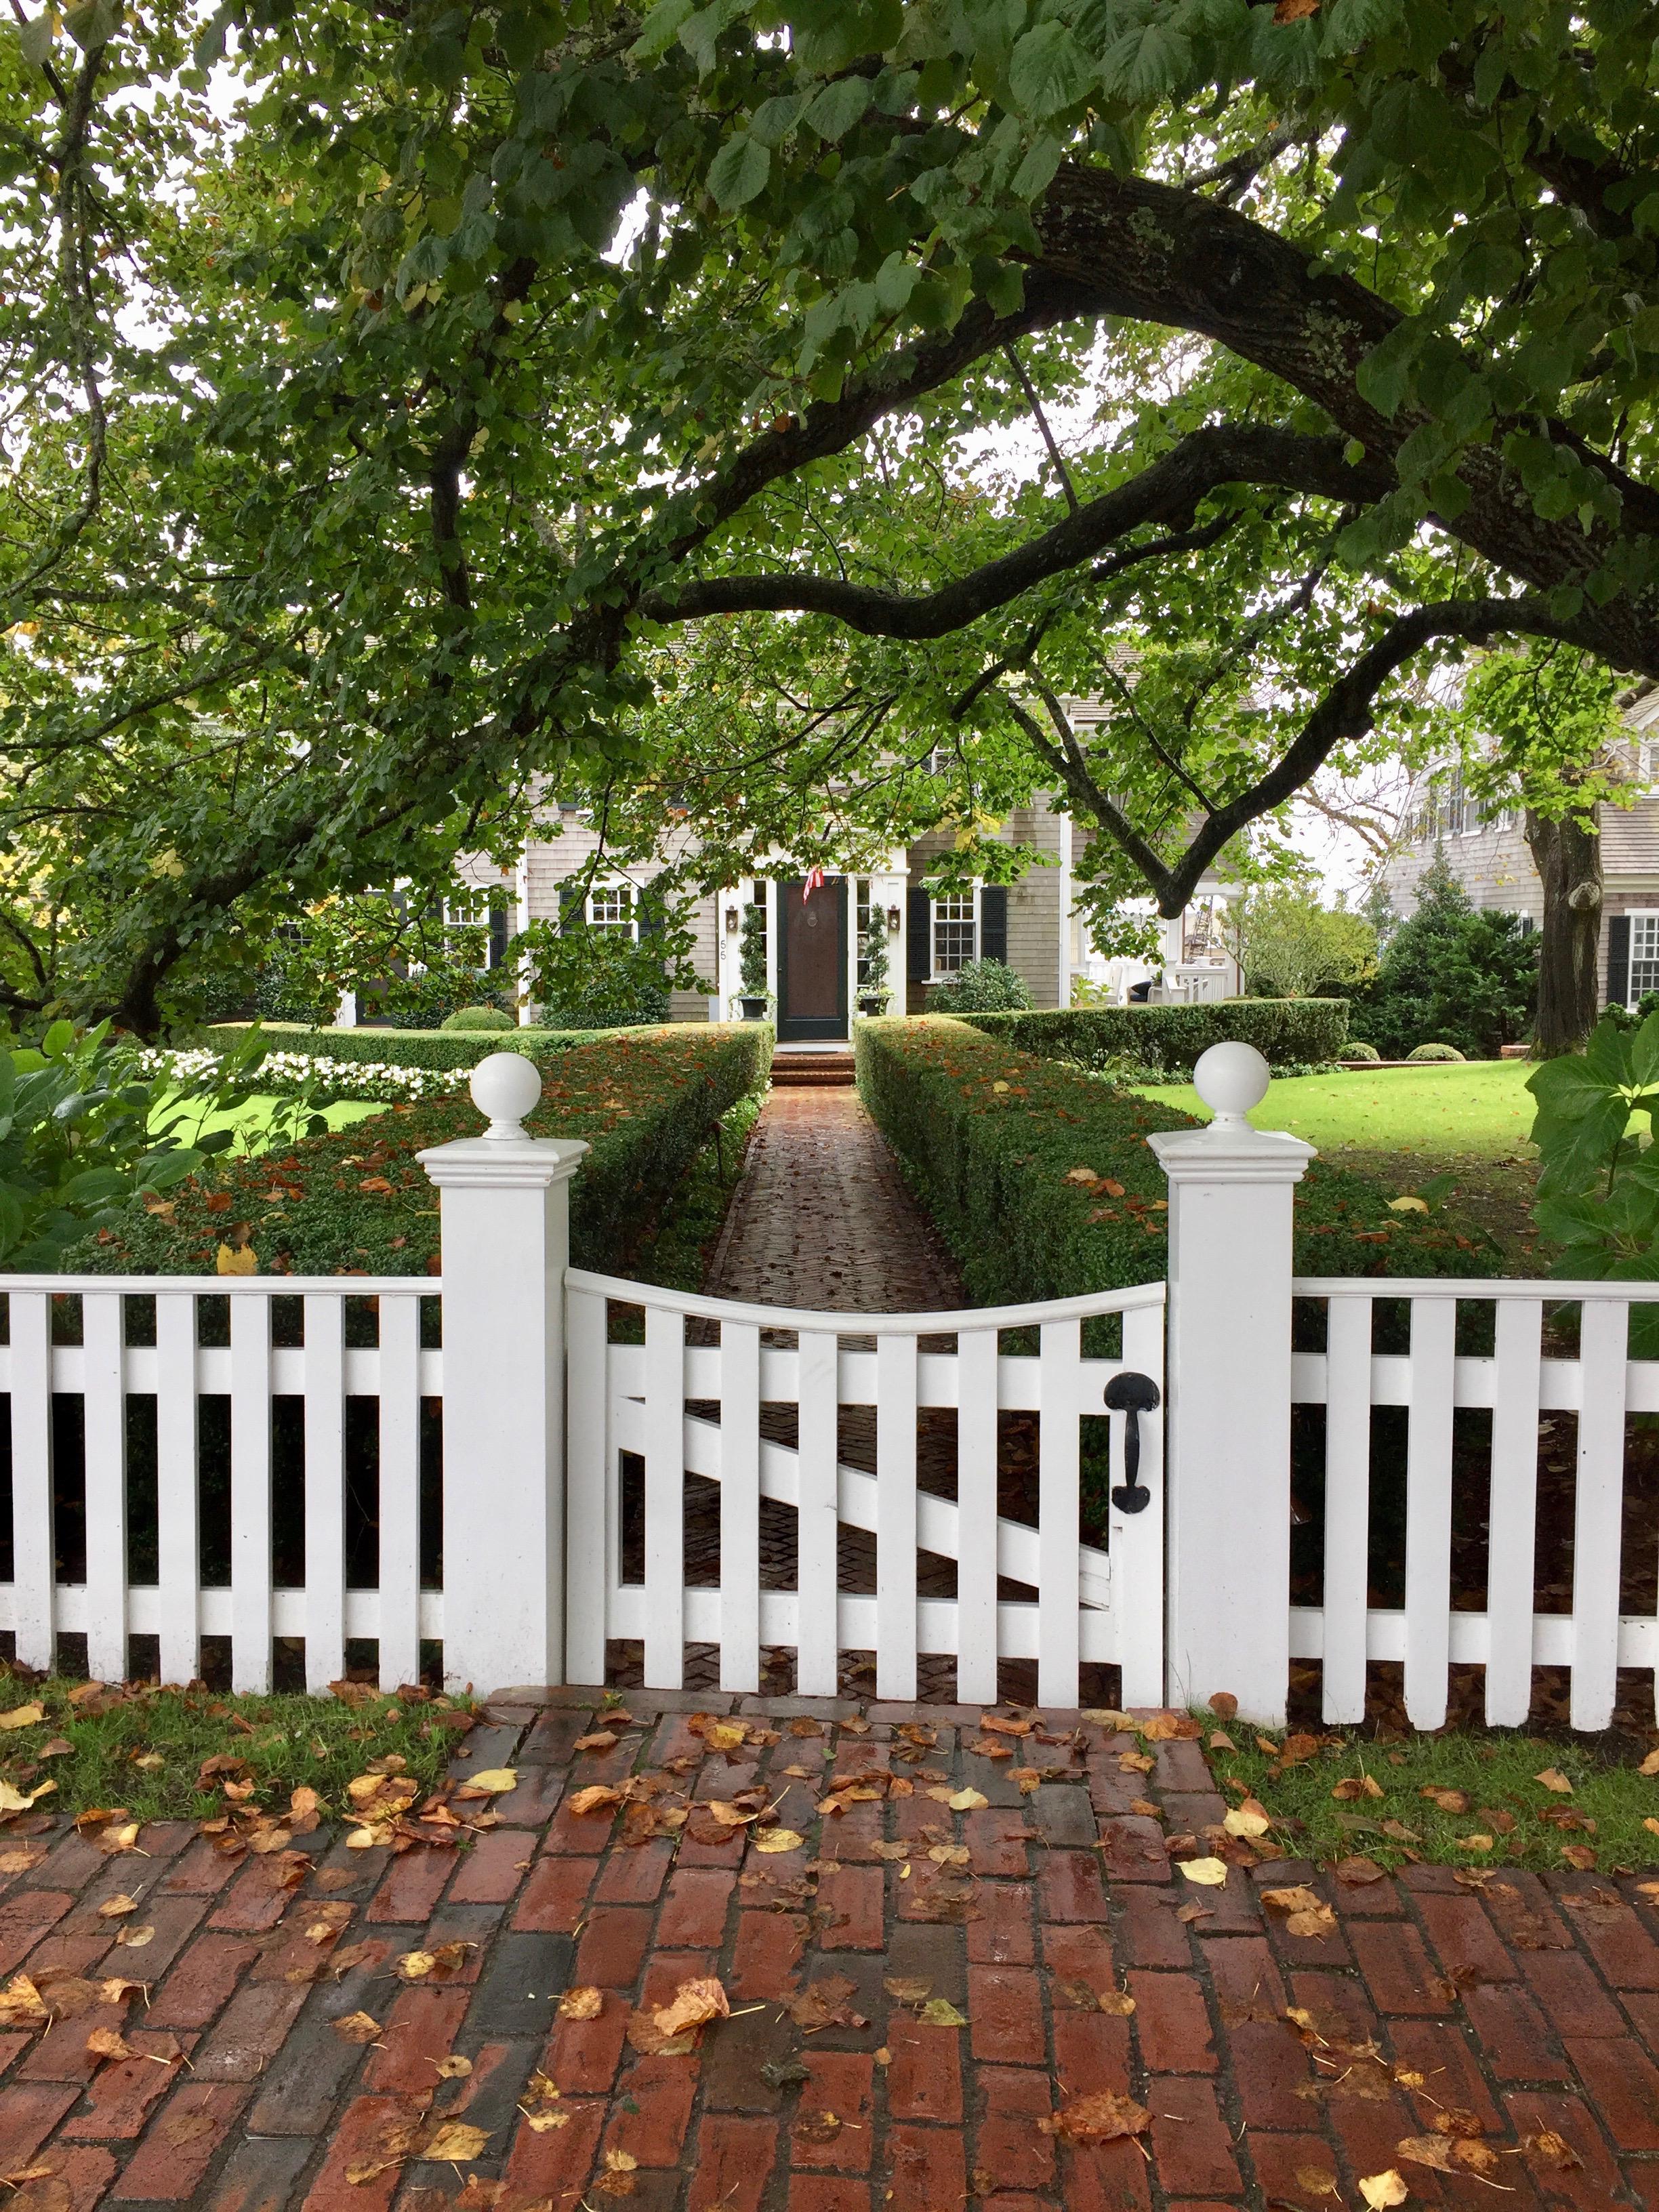 John Coffin House walkway front door New England Edgartown.jpg